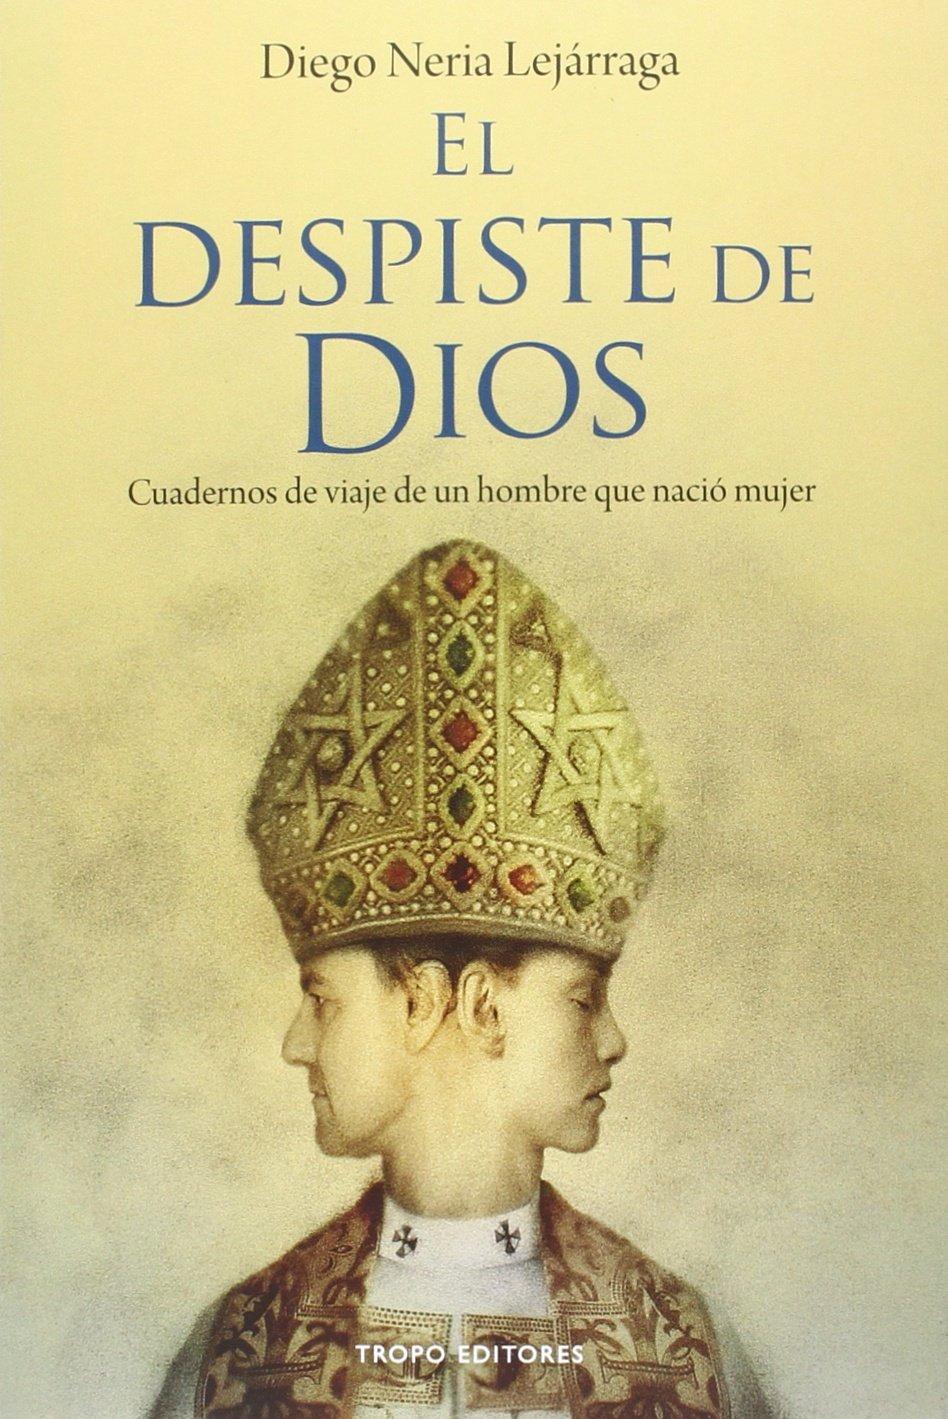 """""""El despiste de Dios"""", Diego Neria Lejárraga. Breve antología en papel celeste, rosa y blanco."""